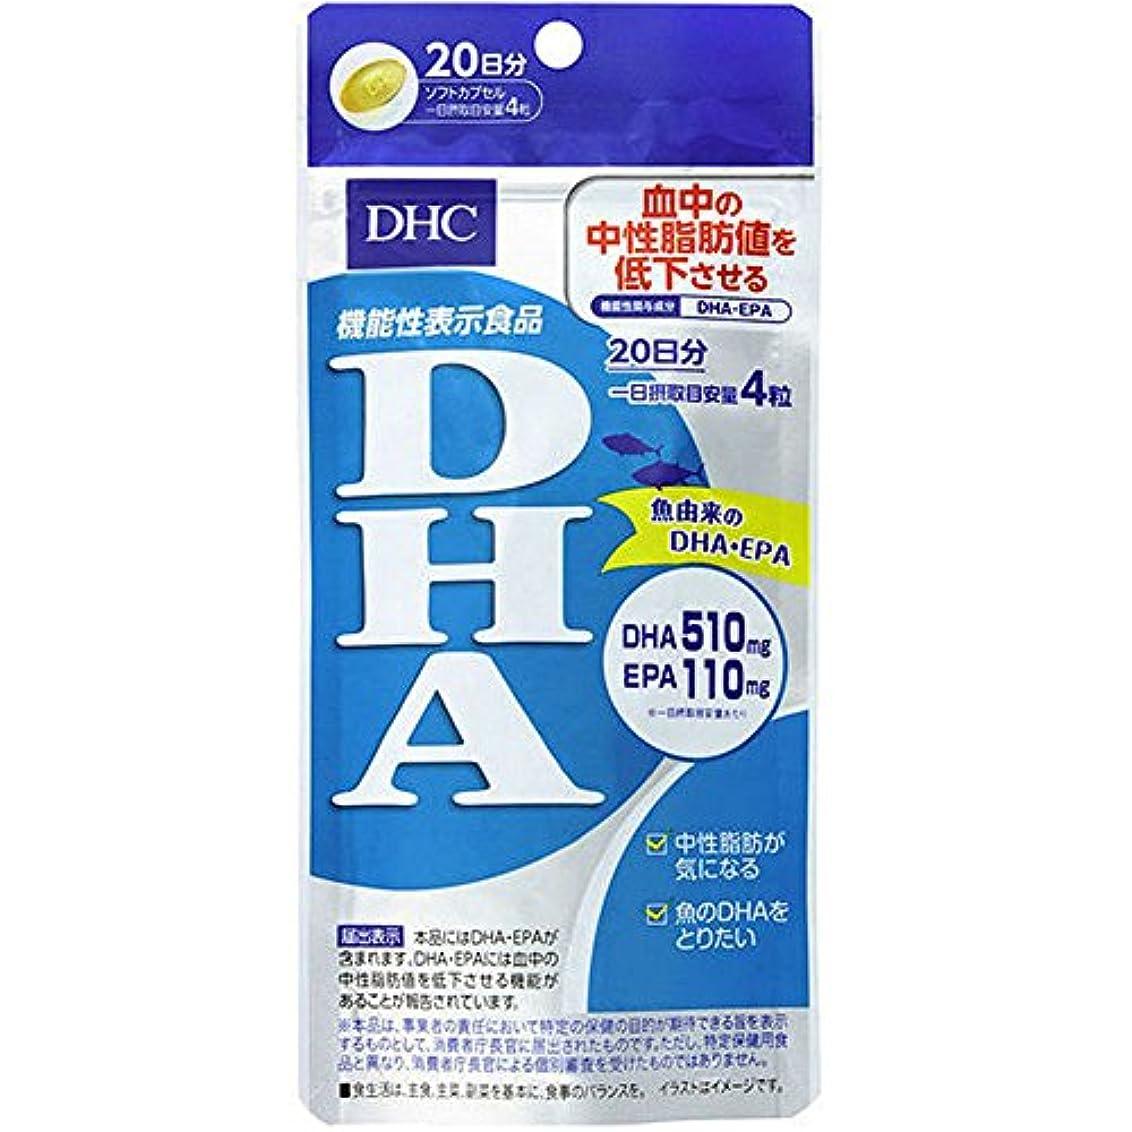 ウミウシ自動提供されたDHC DHA 20日分 80粒 【機能性表示食品】